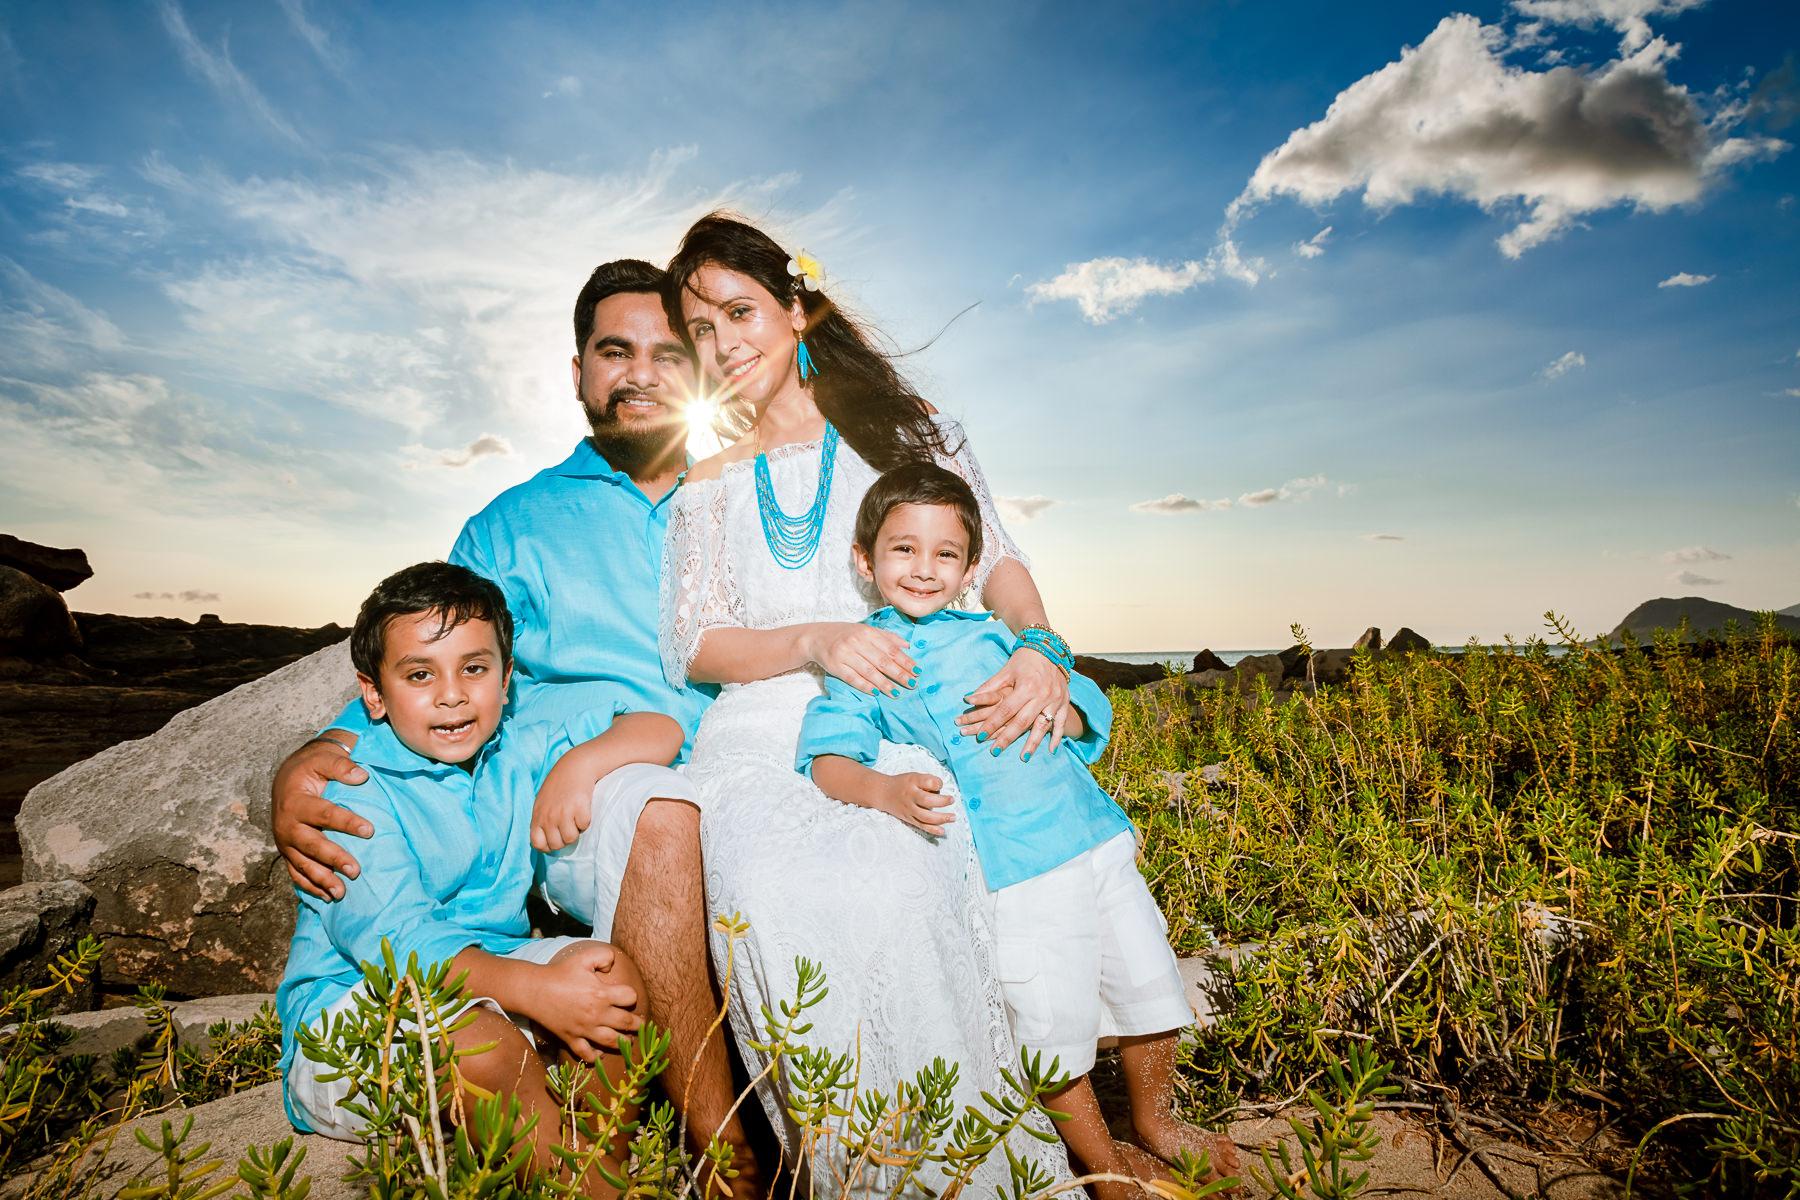 oahu family beach portraits ocean sunset grass